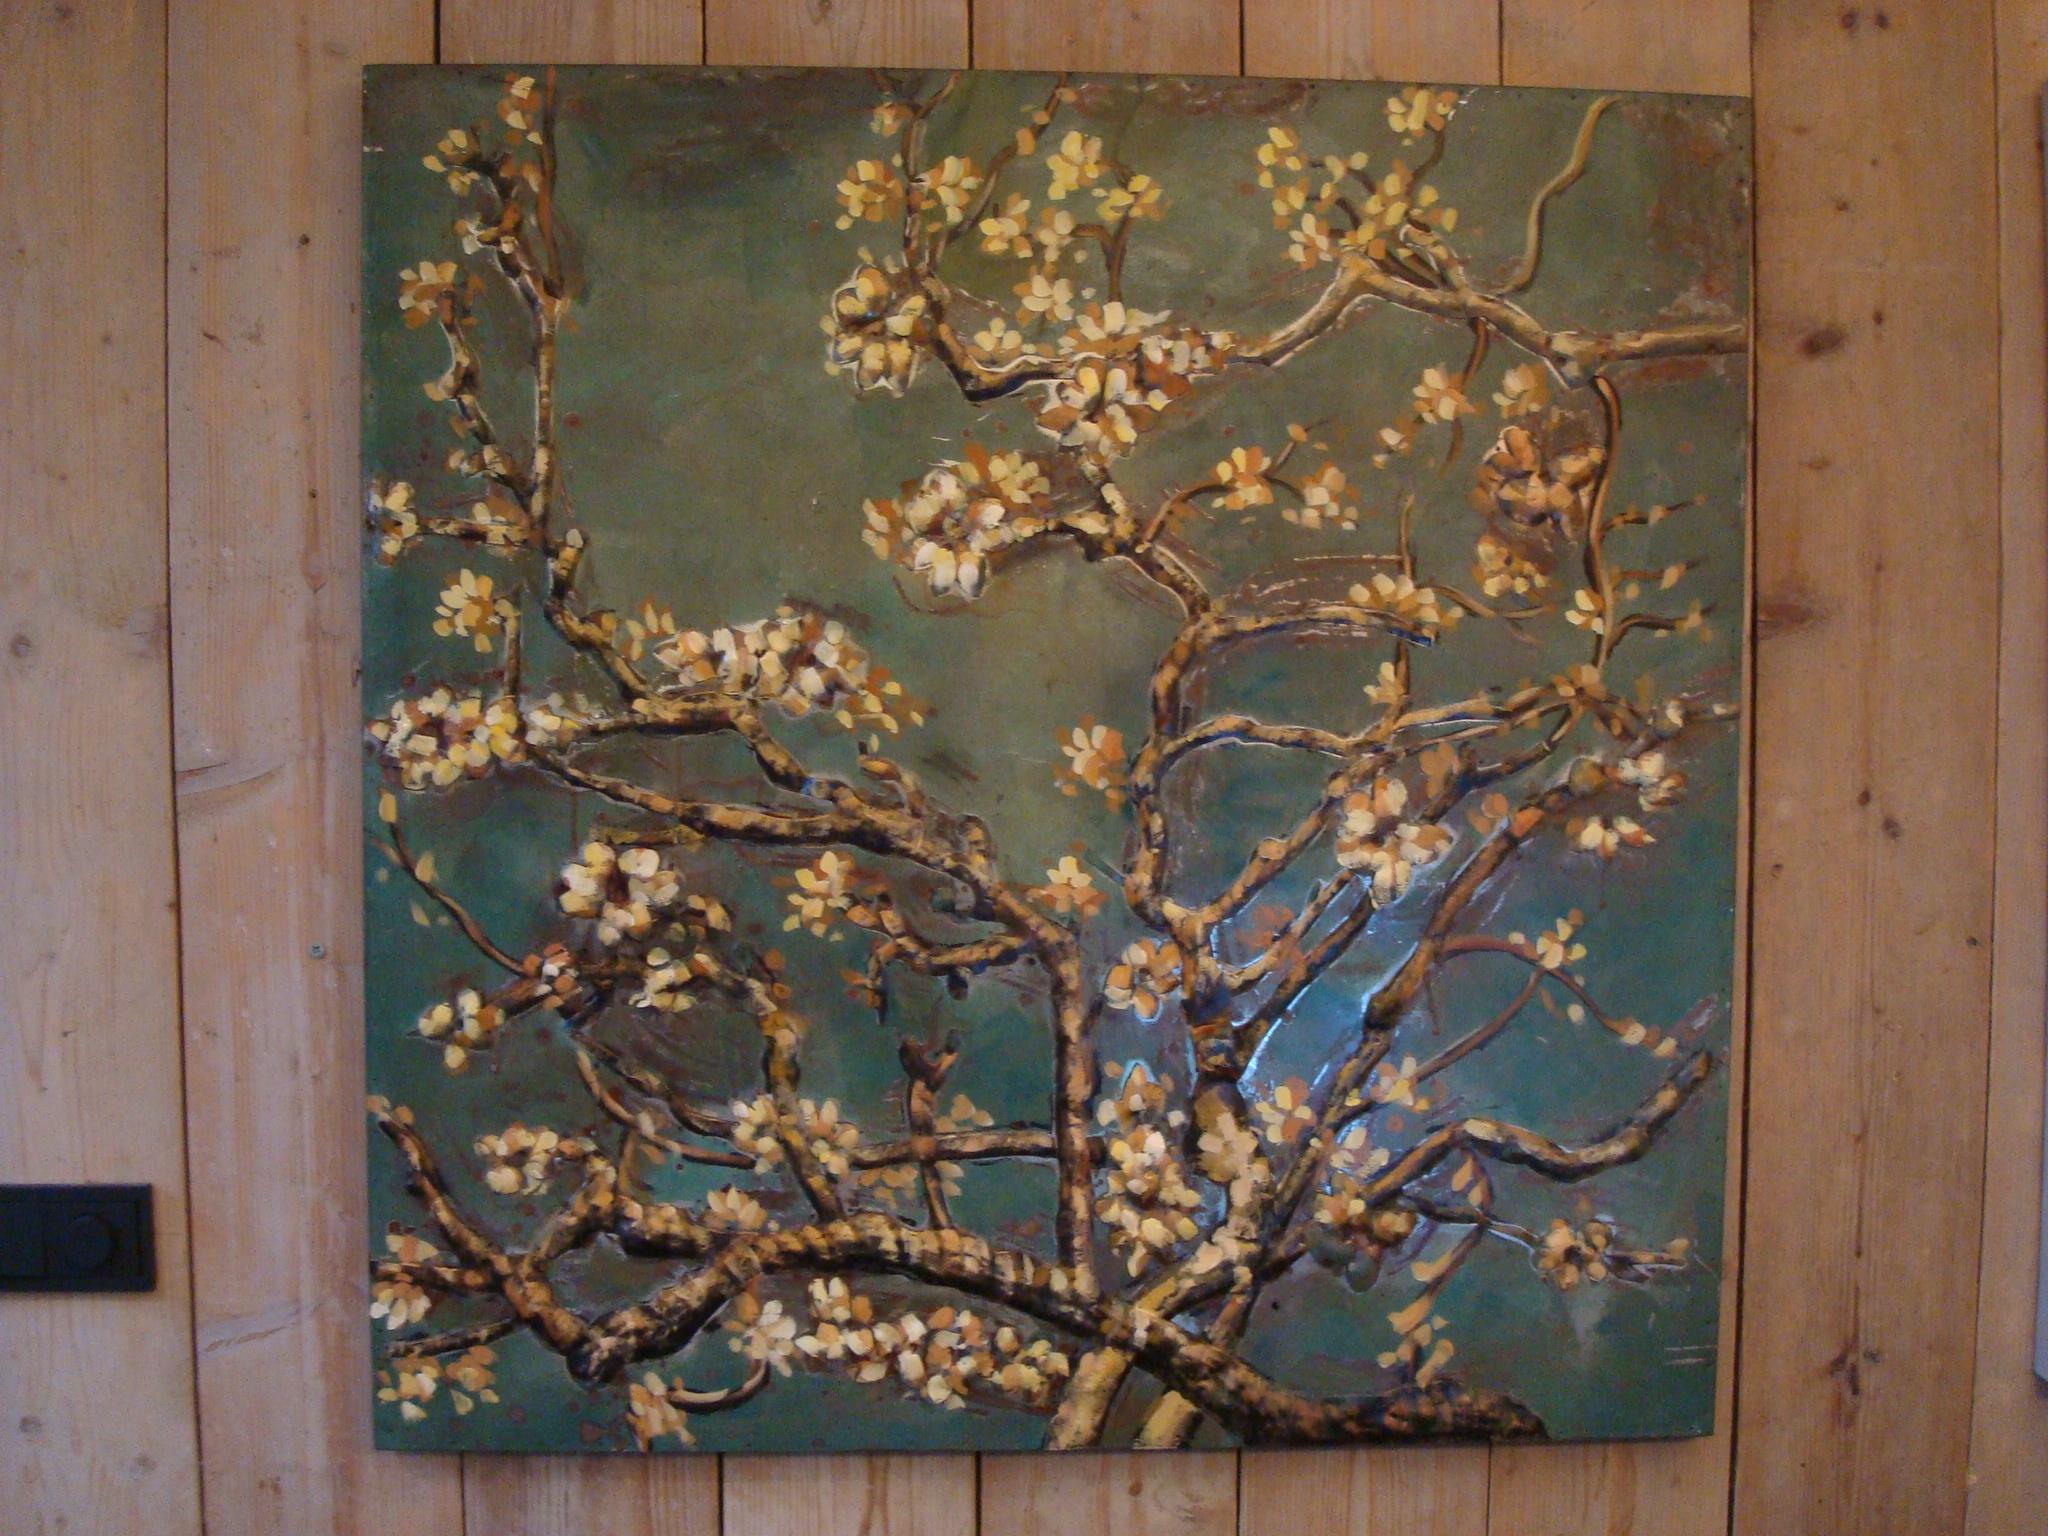 3d Schilderij Metaal.Metalen 3d Schilderij Bloemen